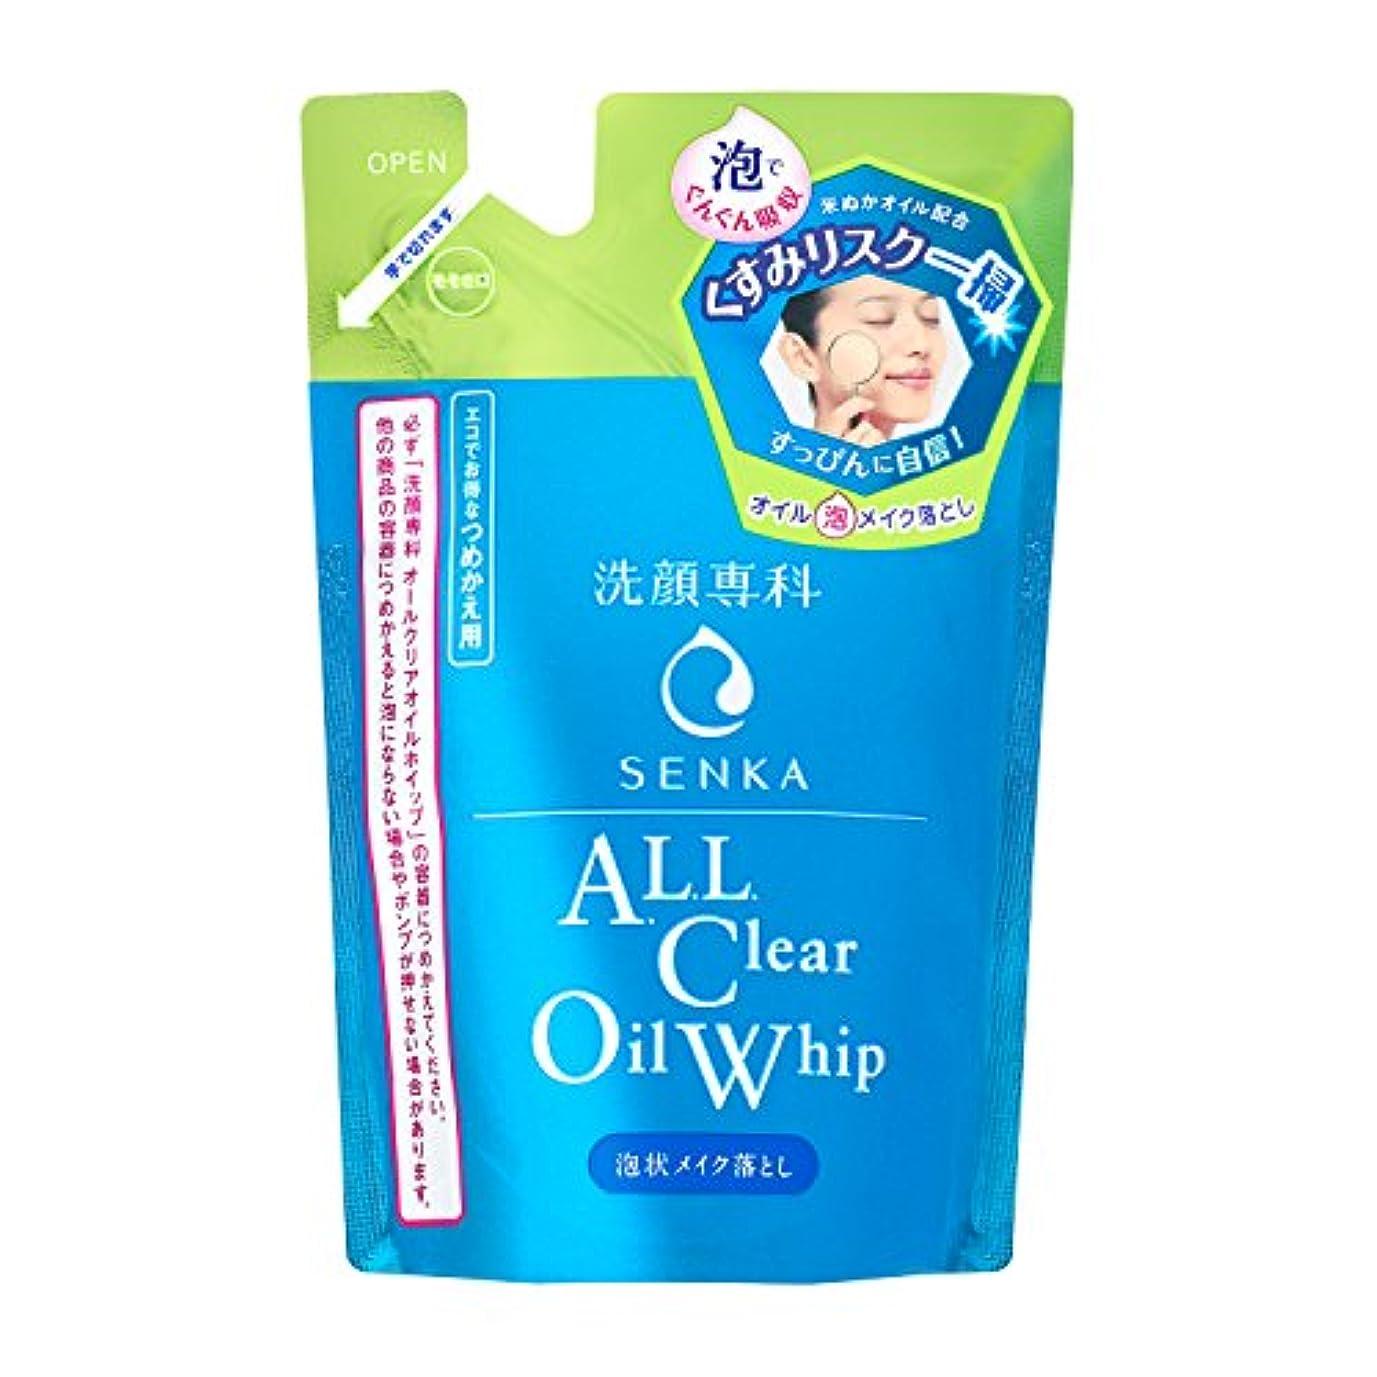 アノイピラミッド時間とともに洗顔専科 オールクリアオイルホイップ 泡状メイク落とし つめかえ用 130mL